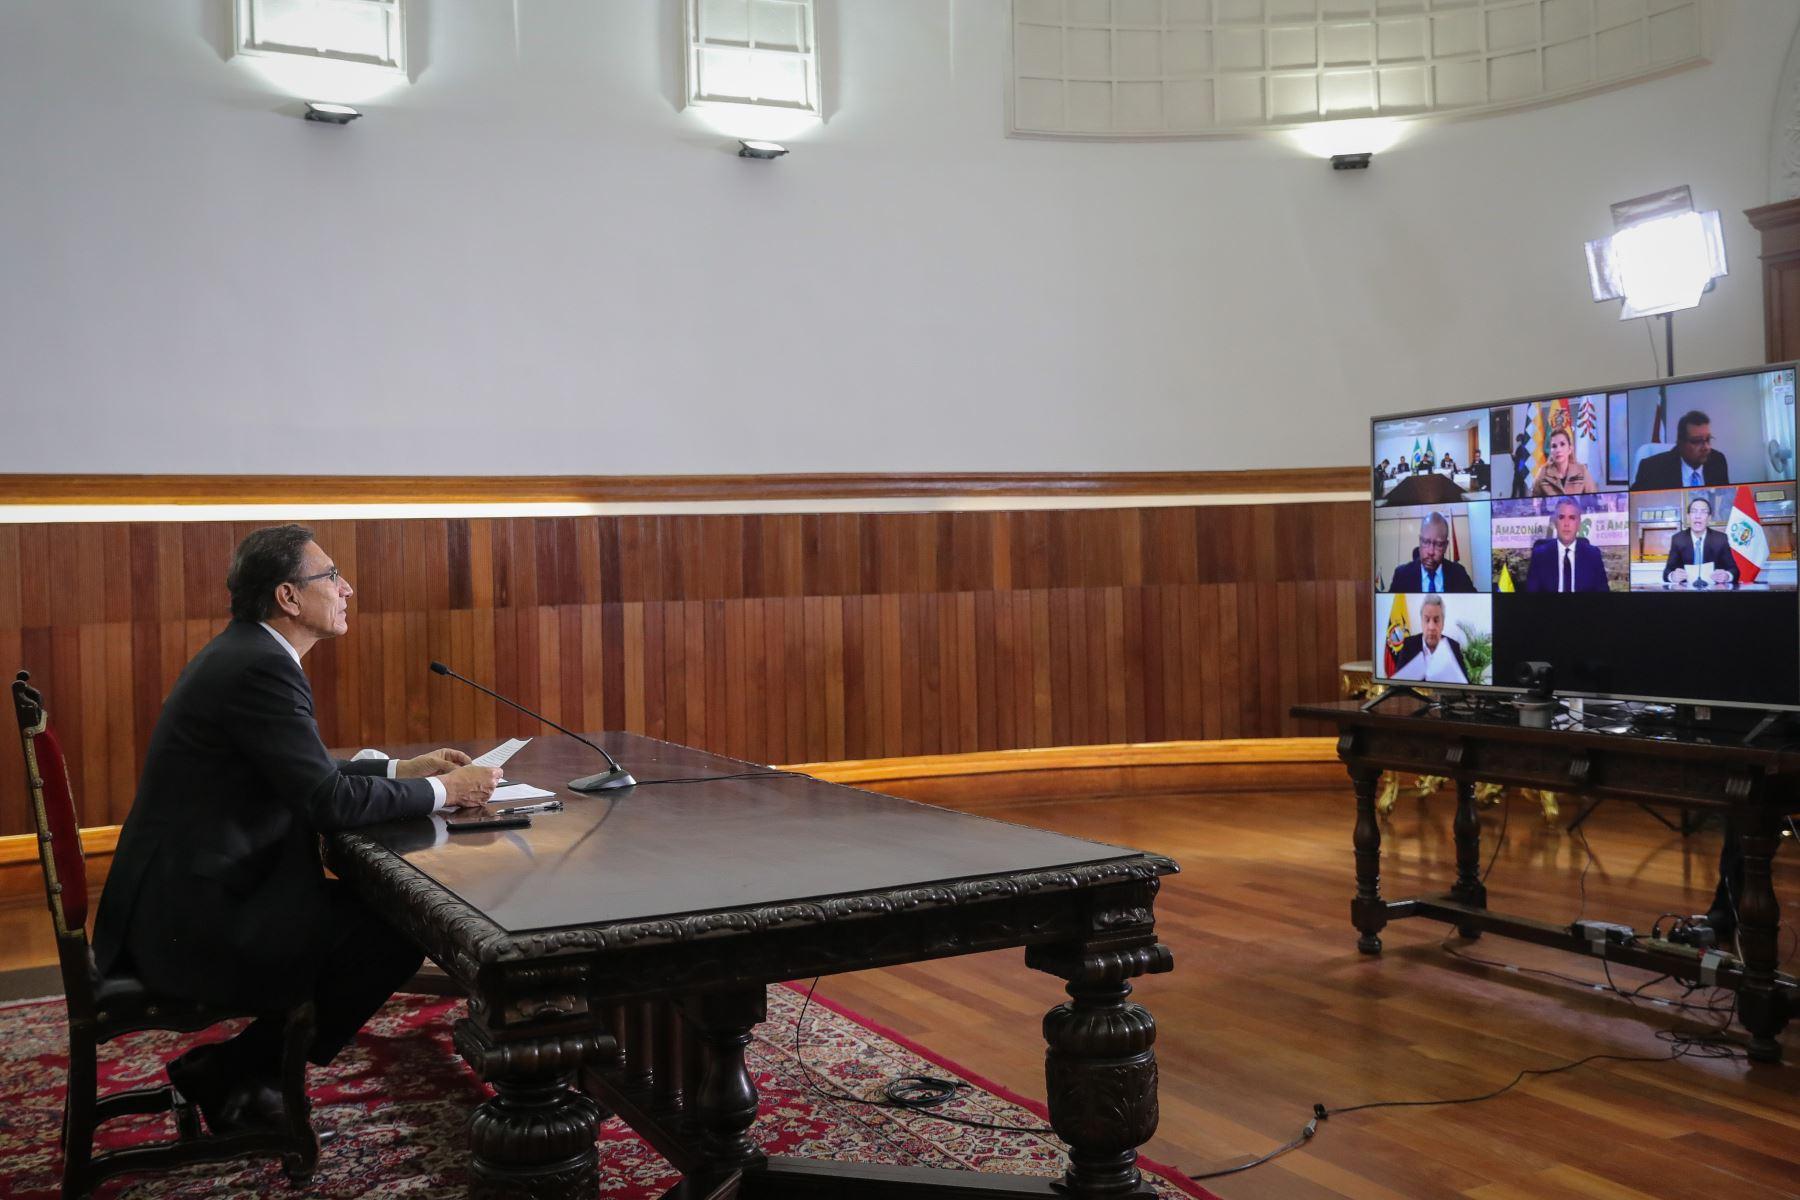 El presidente Martín Vizcarra, participó, de manera virtual, de la II Cumbre Presidencial del Pacto de Leticia por la Amazonía, con el firme compromiso de continuar trabajando, a través de un enfoque inclusivo y equitativo, en el desarrollo de las poblaciones amazónicas. Foto: ANDINA/ Prensa Presidencia